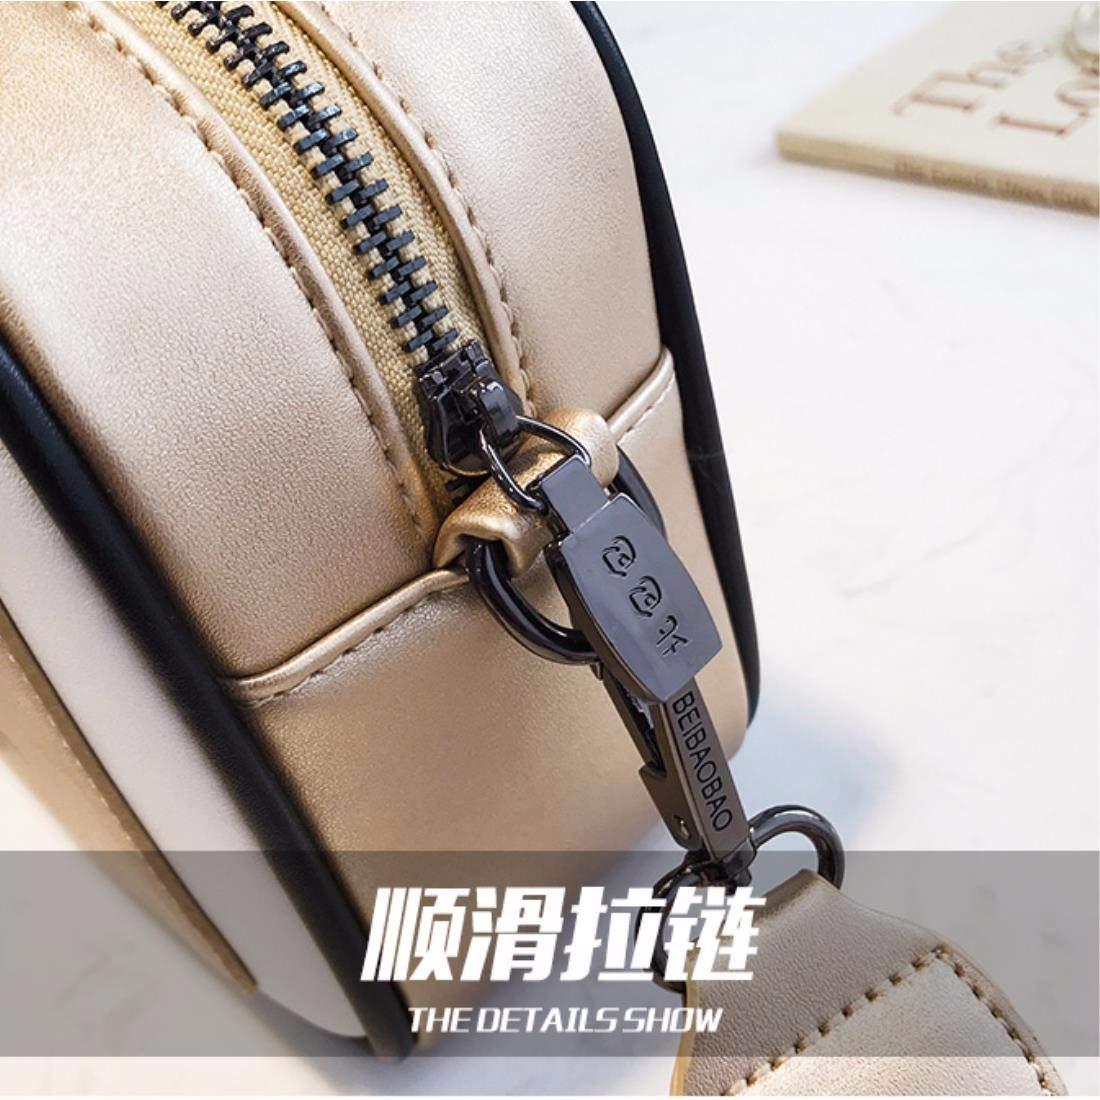 LIUXINDA-BB Umhängetasche aus Leder Leder Studio Handtasche Damen Schwarz Schwarz Schwarz B07GPNFWR5 Umhngetaschen Ausgezeichnete Funktion 9efdc4